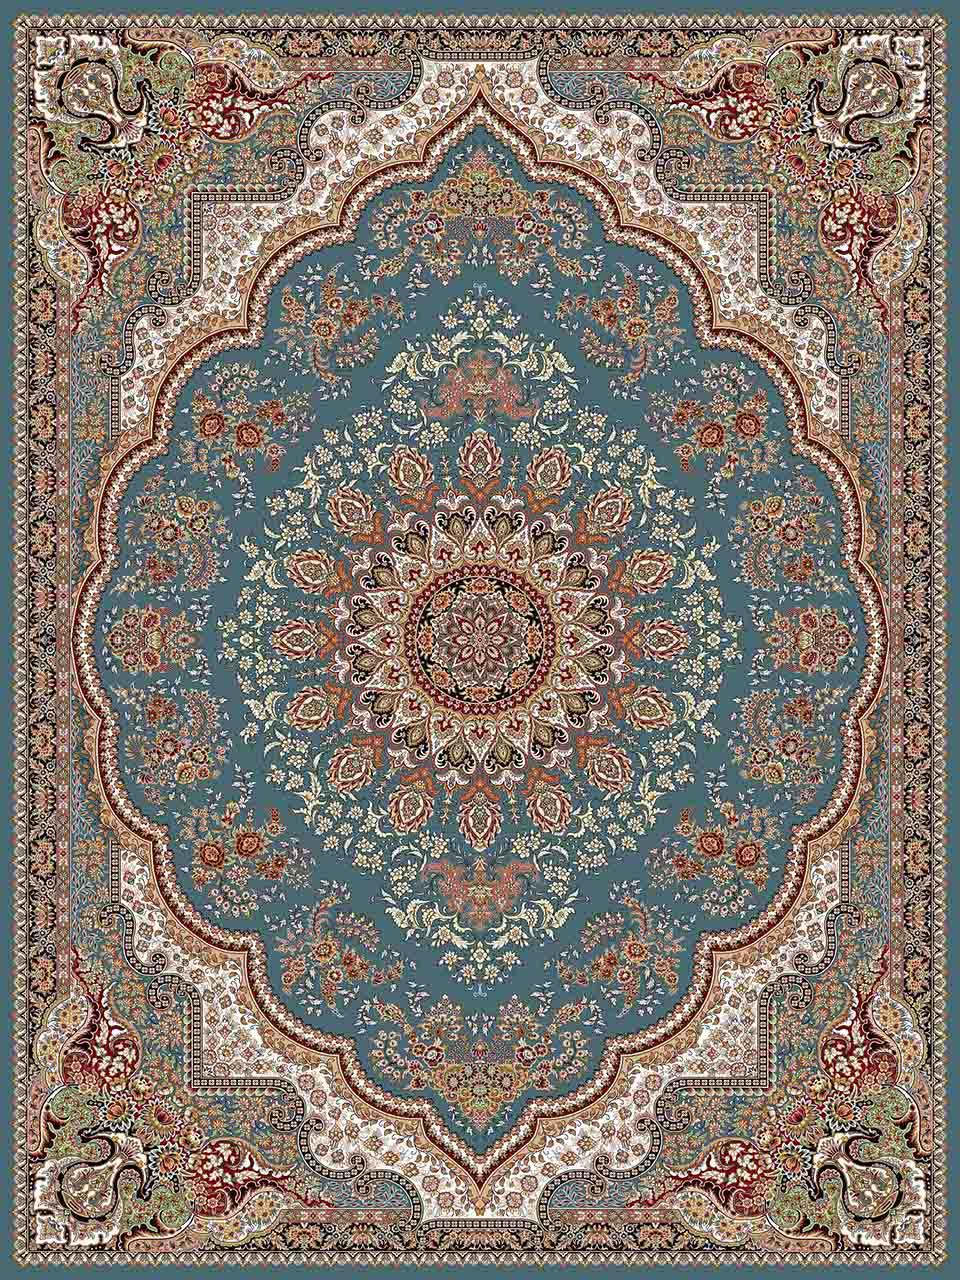 فرش (25012) اکریلیک - 8 رنگ - 700 شانه - آبي - تراکم 2550